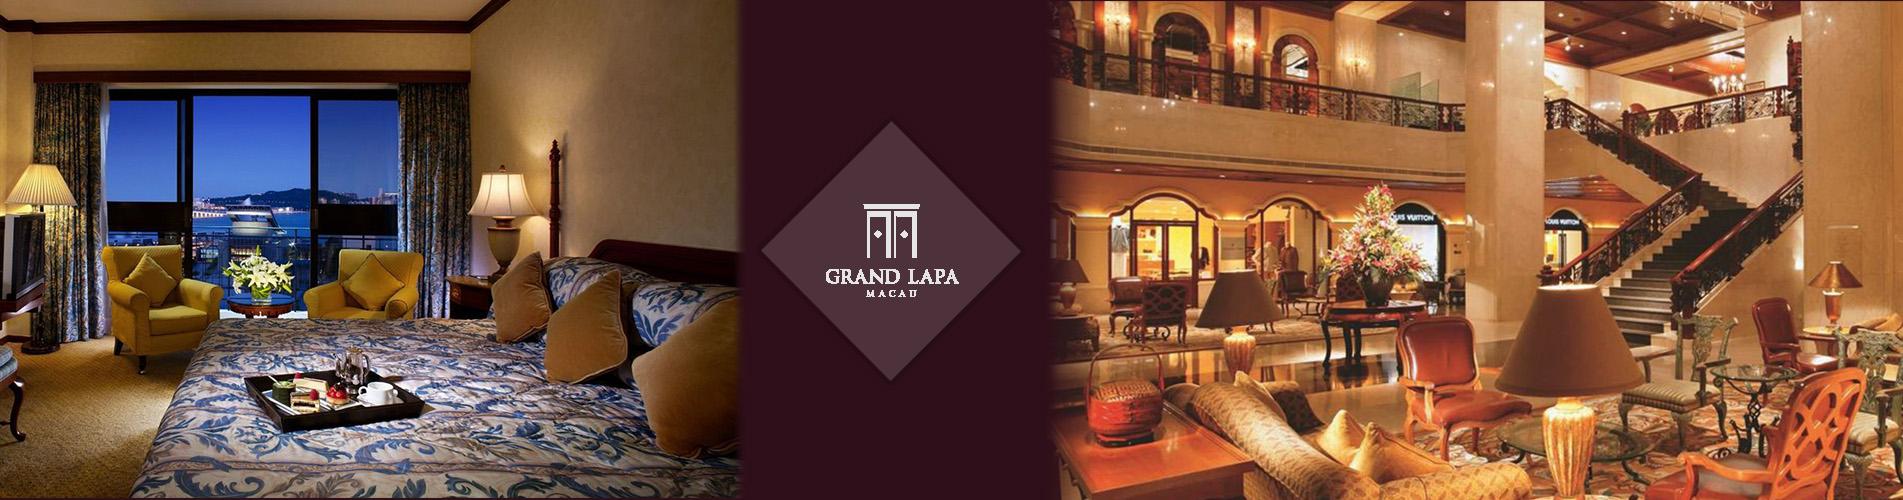 澳門金麗華酒店套票 Grand Lapa Hotel Package